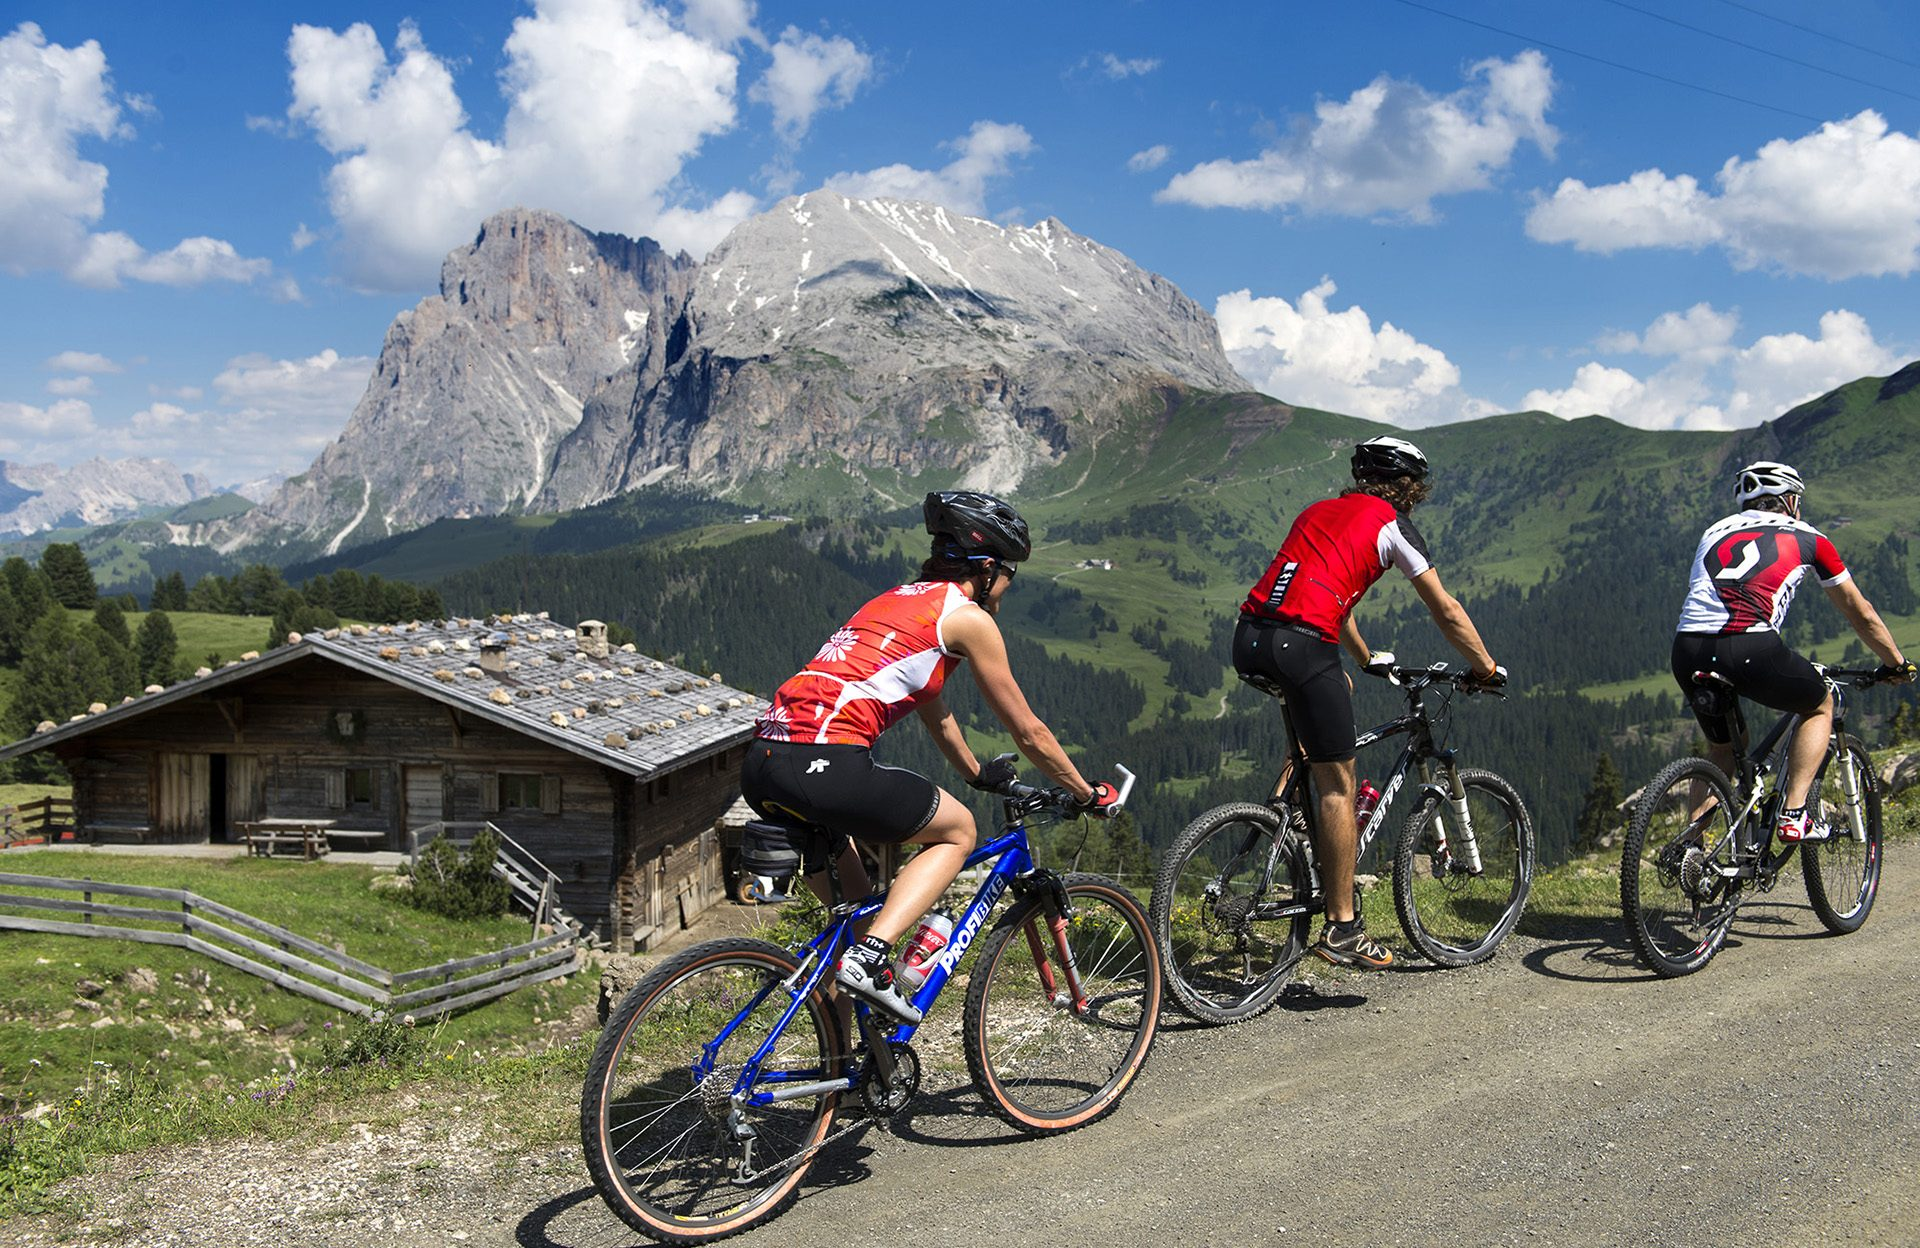 Radfahrer auf der Seiser Alm im Sommer